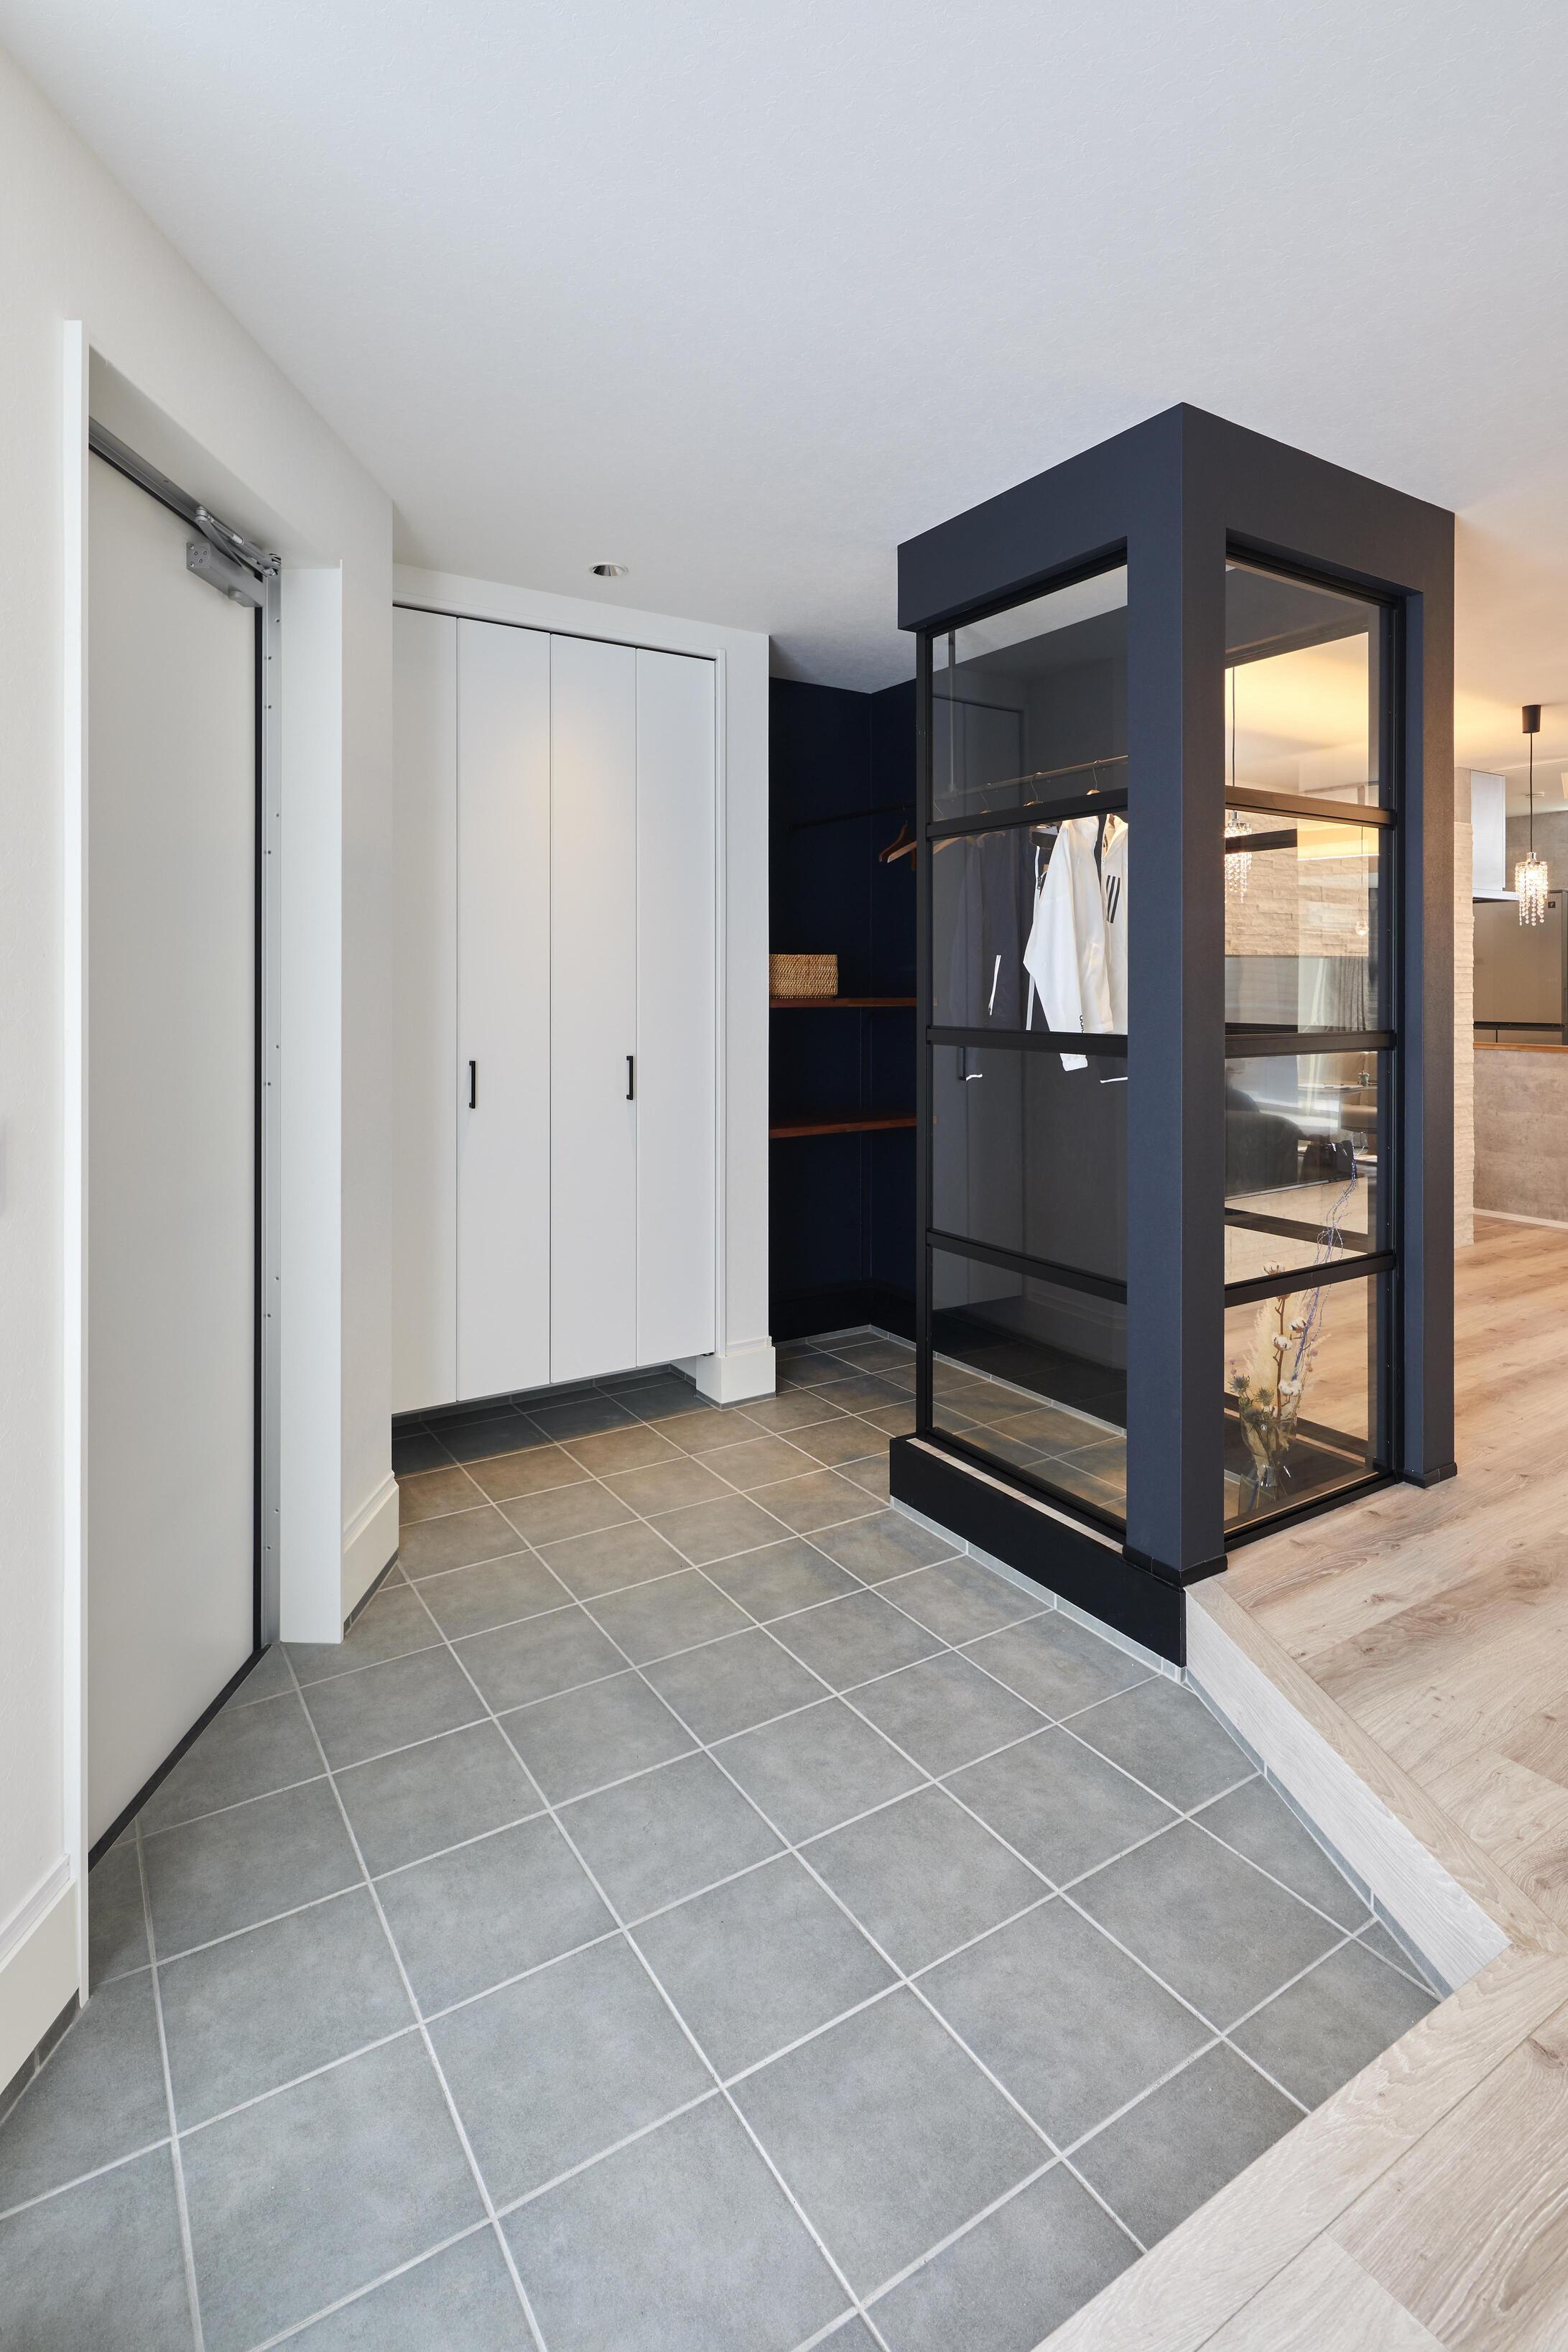 土間スペースを広めに取った玄関。日常的に使うアウターをオシャレに収納できるクロークも設計